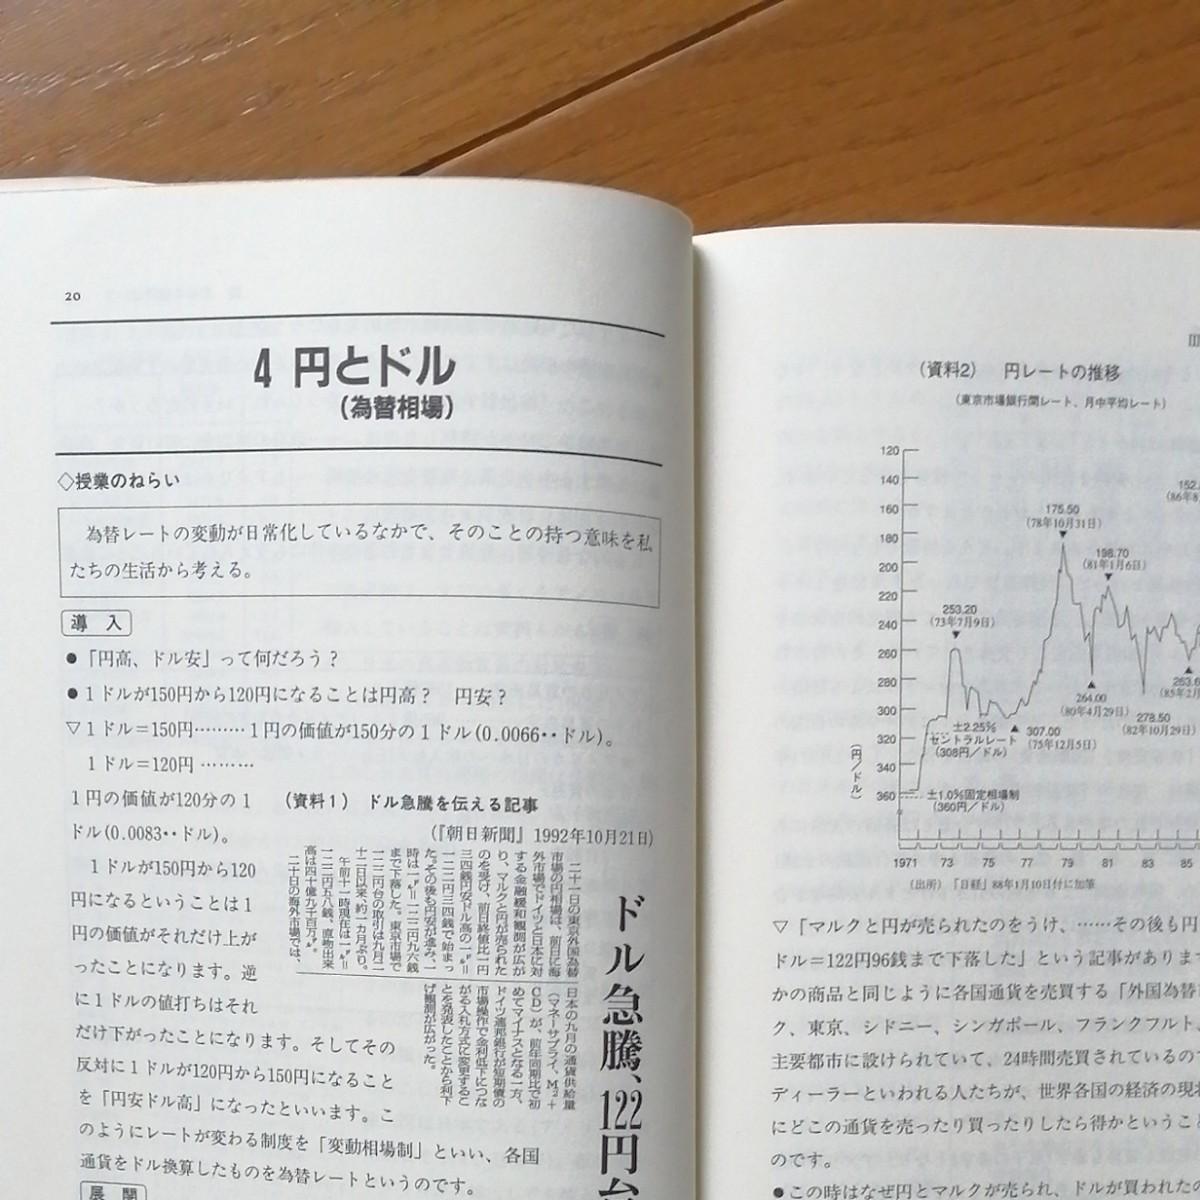 中学社会公民の授業 公民おもしろファックス資料集 培風館 四力